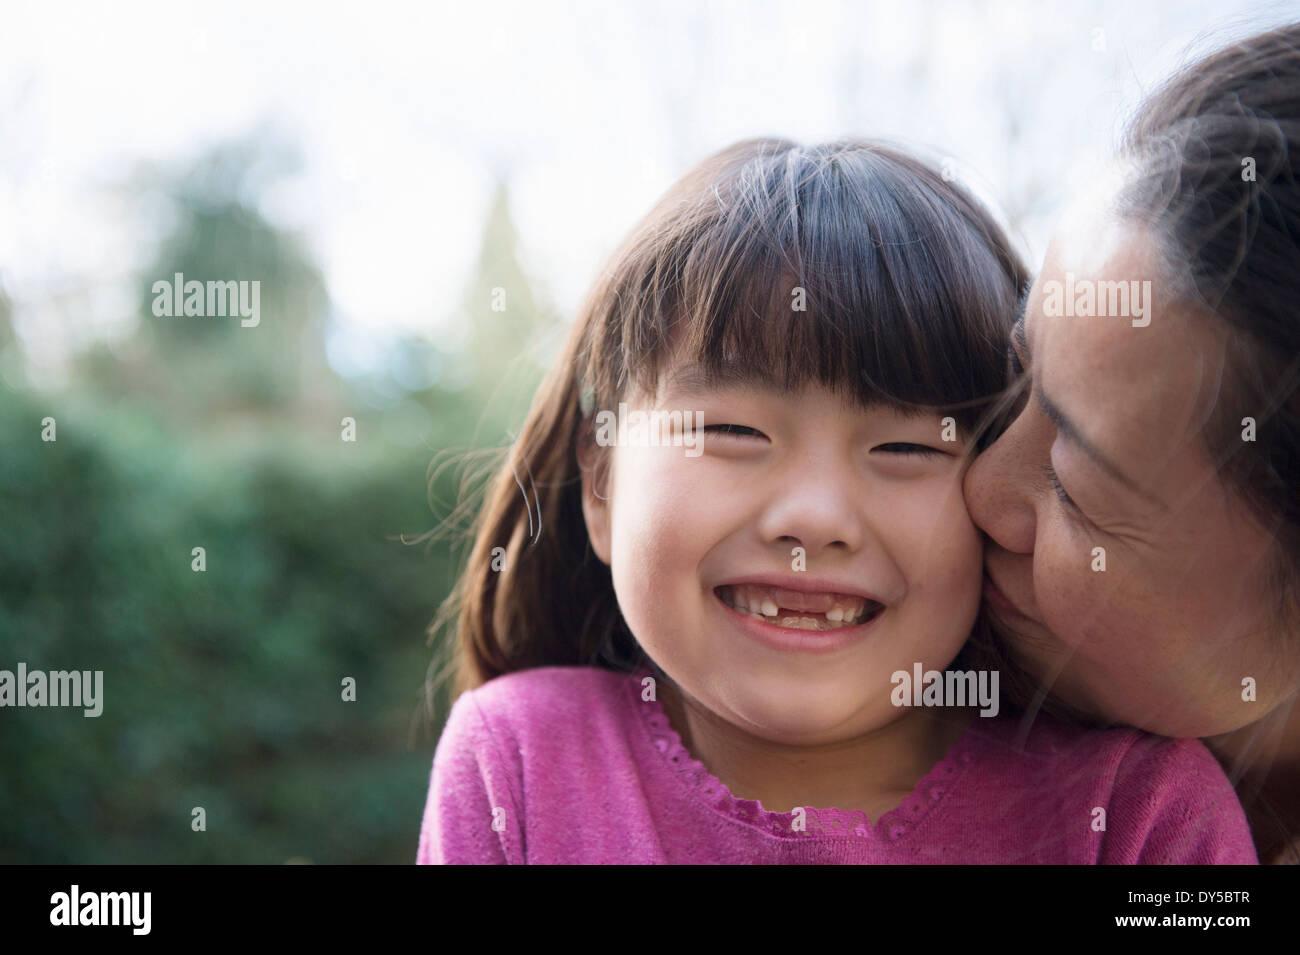 Chica ser besado en la mejilla por su madre en el jardín Imagen De Stock